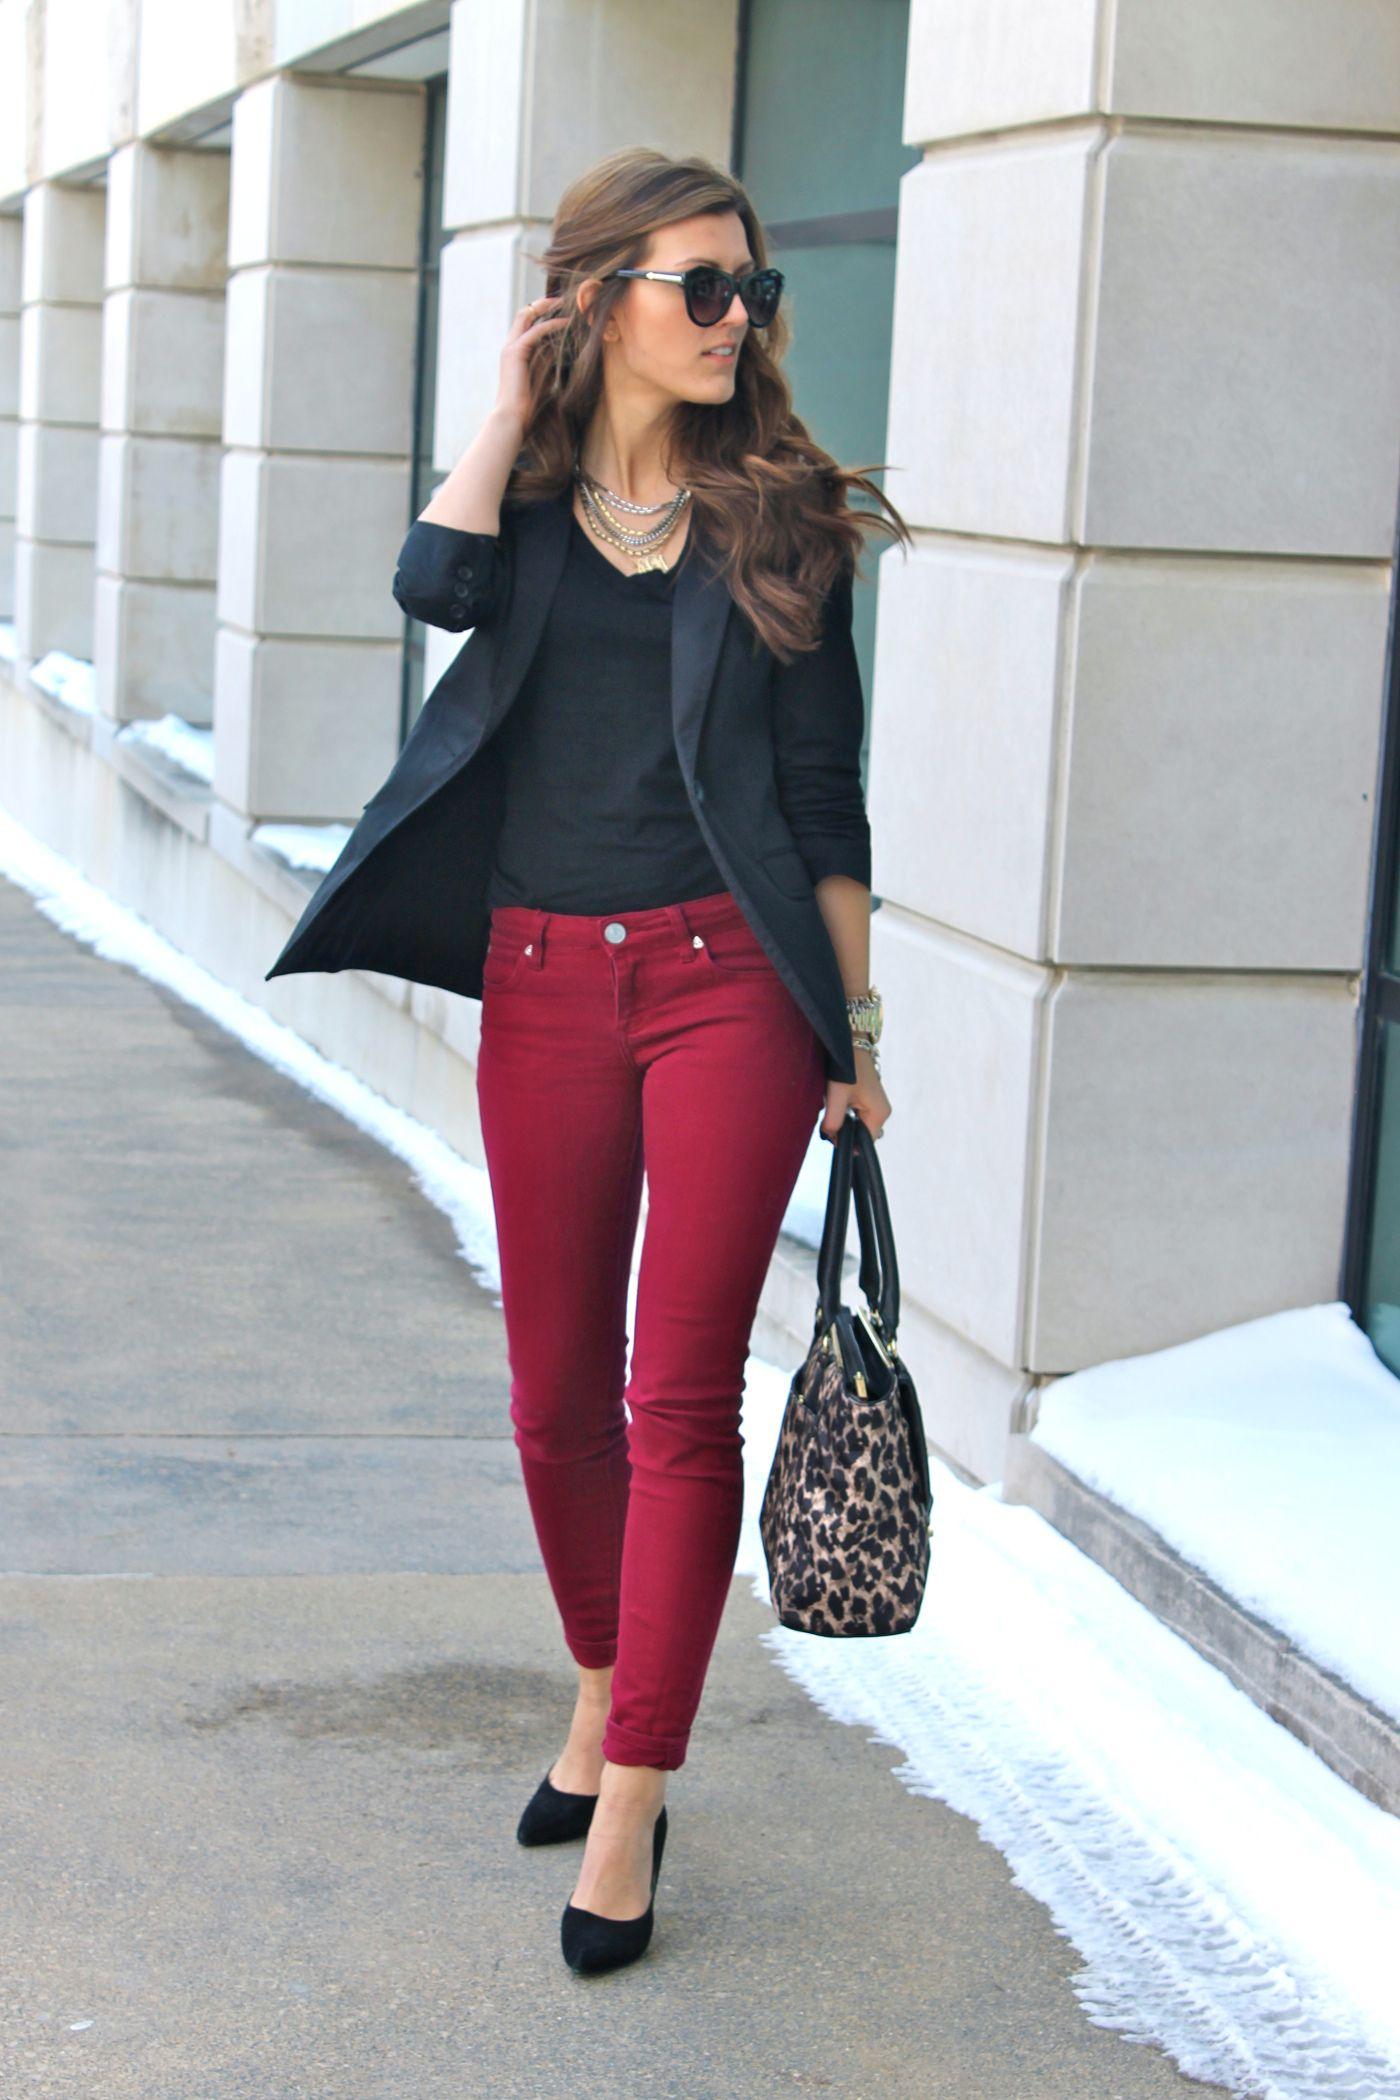 mai multe fotografii produs fierbinte site autorizat red jeans, black t-shirt, black blazer | Ținută pentru serviciu ...